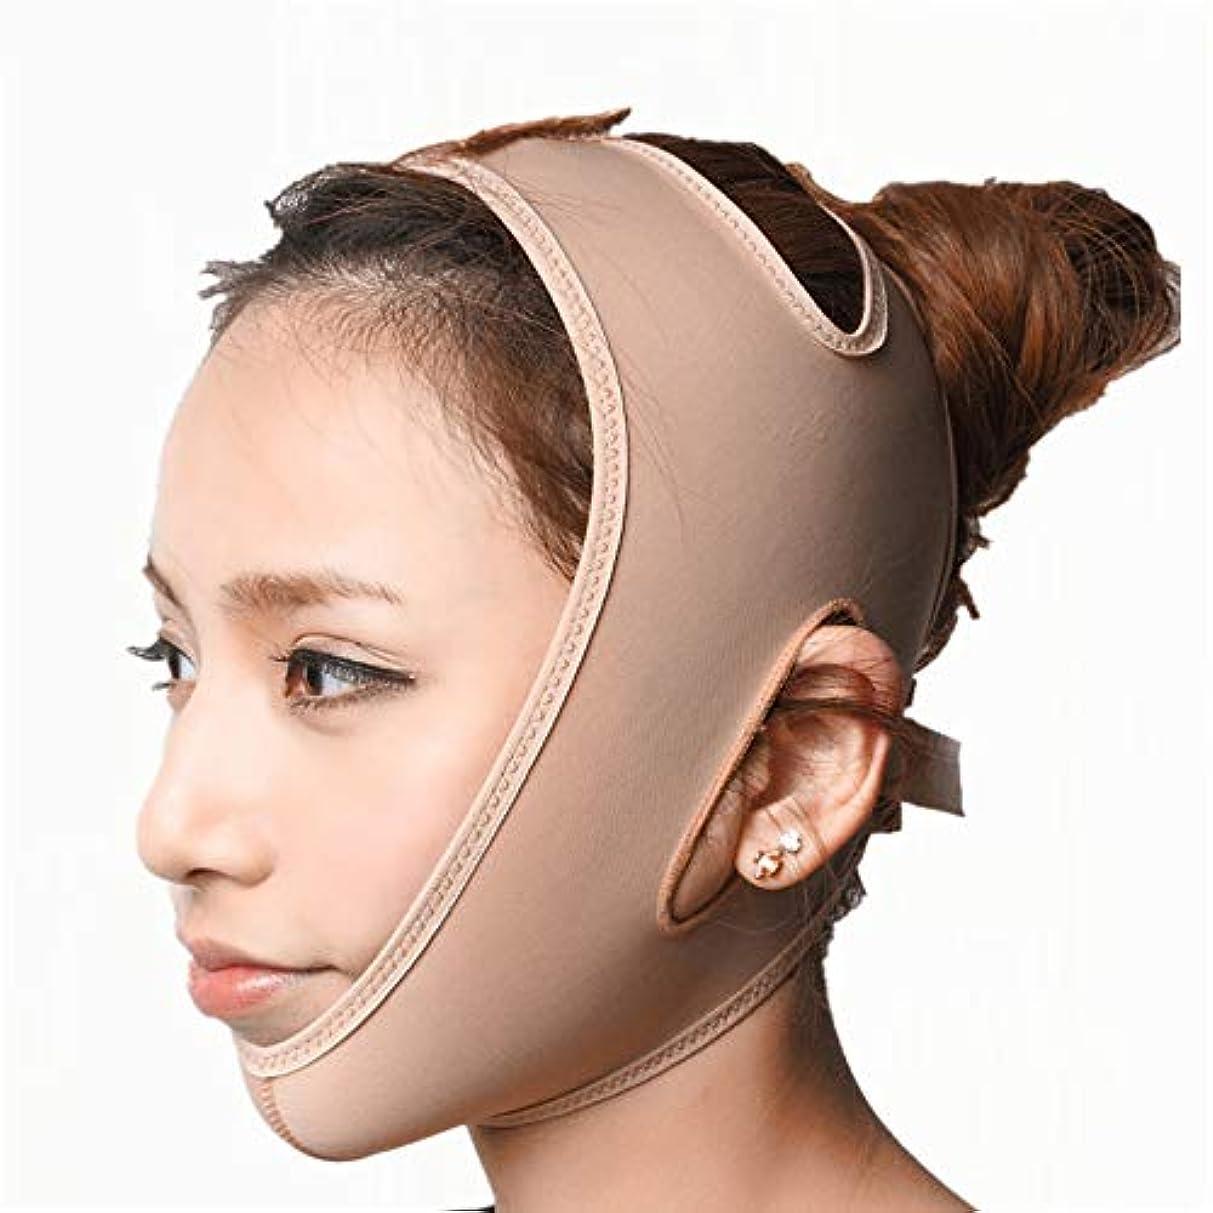 ボタンバングラデシュパックMinmin 顔の持ち上がる痩身ベルト - アンチエイジングリンクルフェイスマスクベルトシンフェイス包帯整形マスクは顔と首を締めますフェイススリム みんみんVラインフェイスマスク (Size : L)